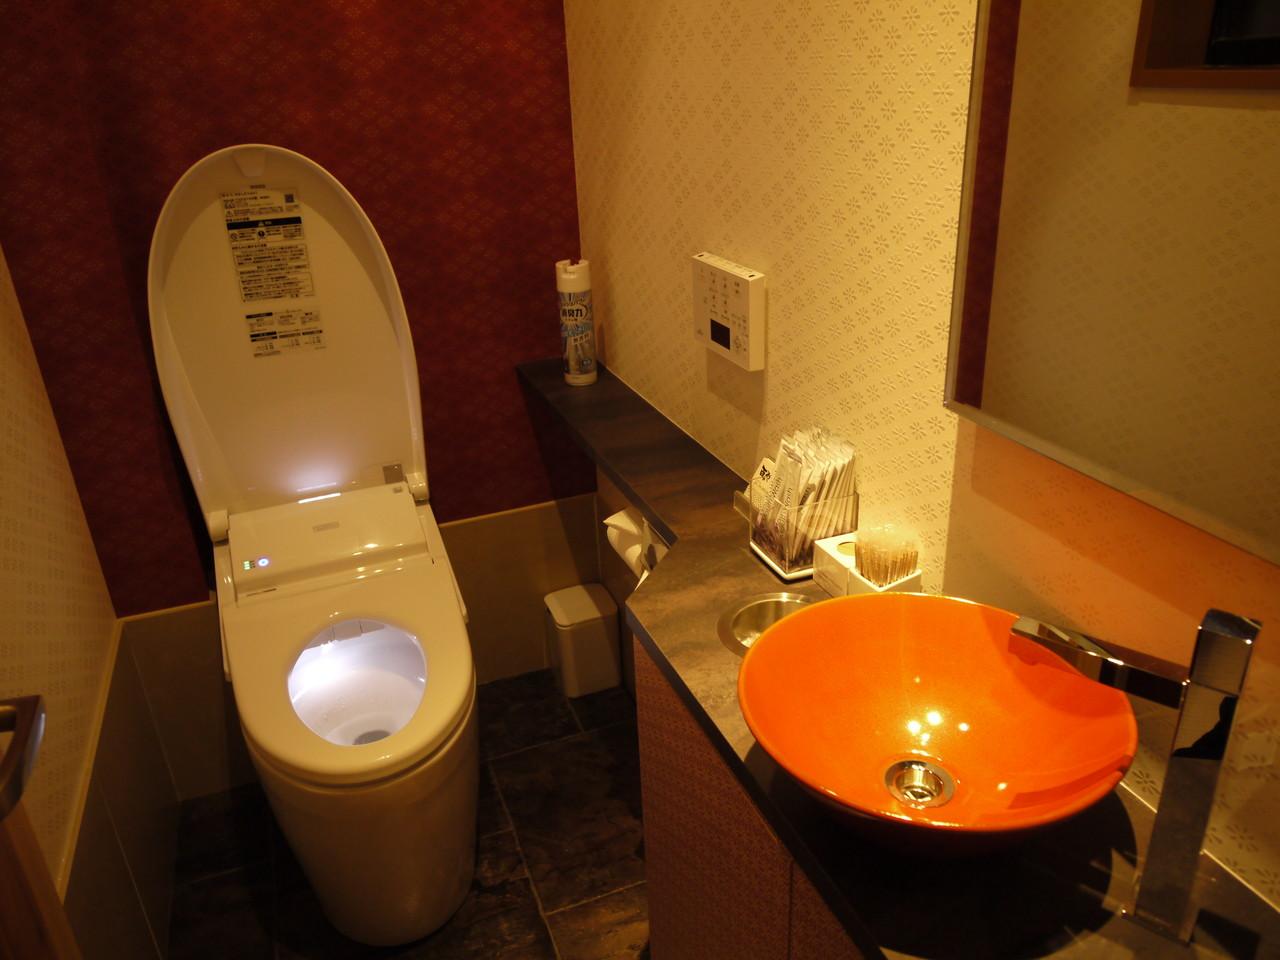 ■ アメニティの揃った清潔感のある女性トイレ